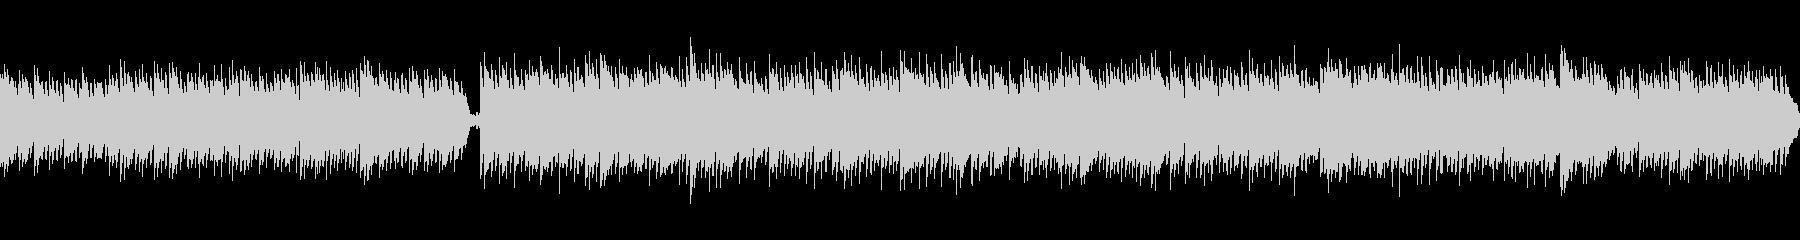 ニュースや日常に/ピアノメインのBGMの未再生の波形